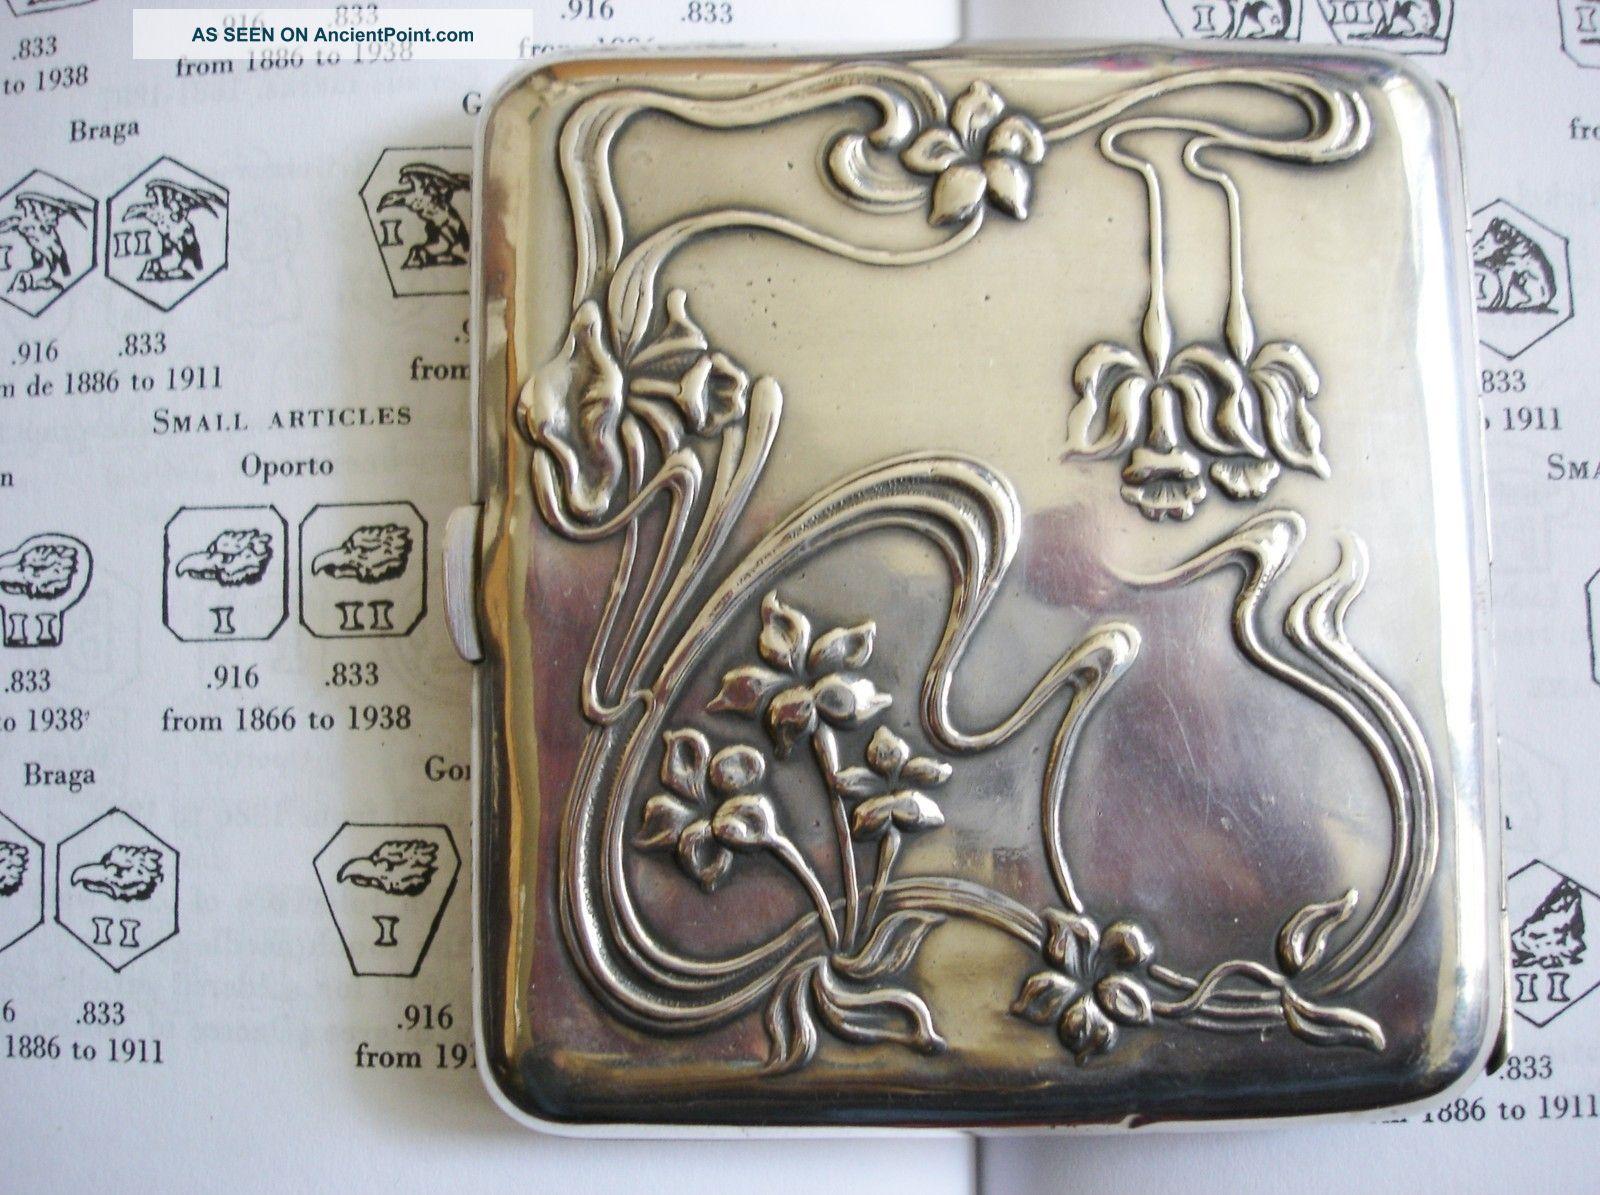 Continental Art Nouveau Hallmarked Solid Silver Cigarette Case Cigarette & Vesta Cases photo